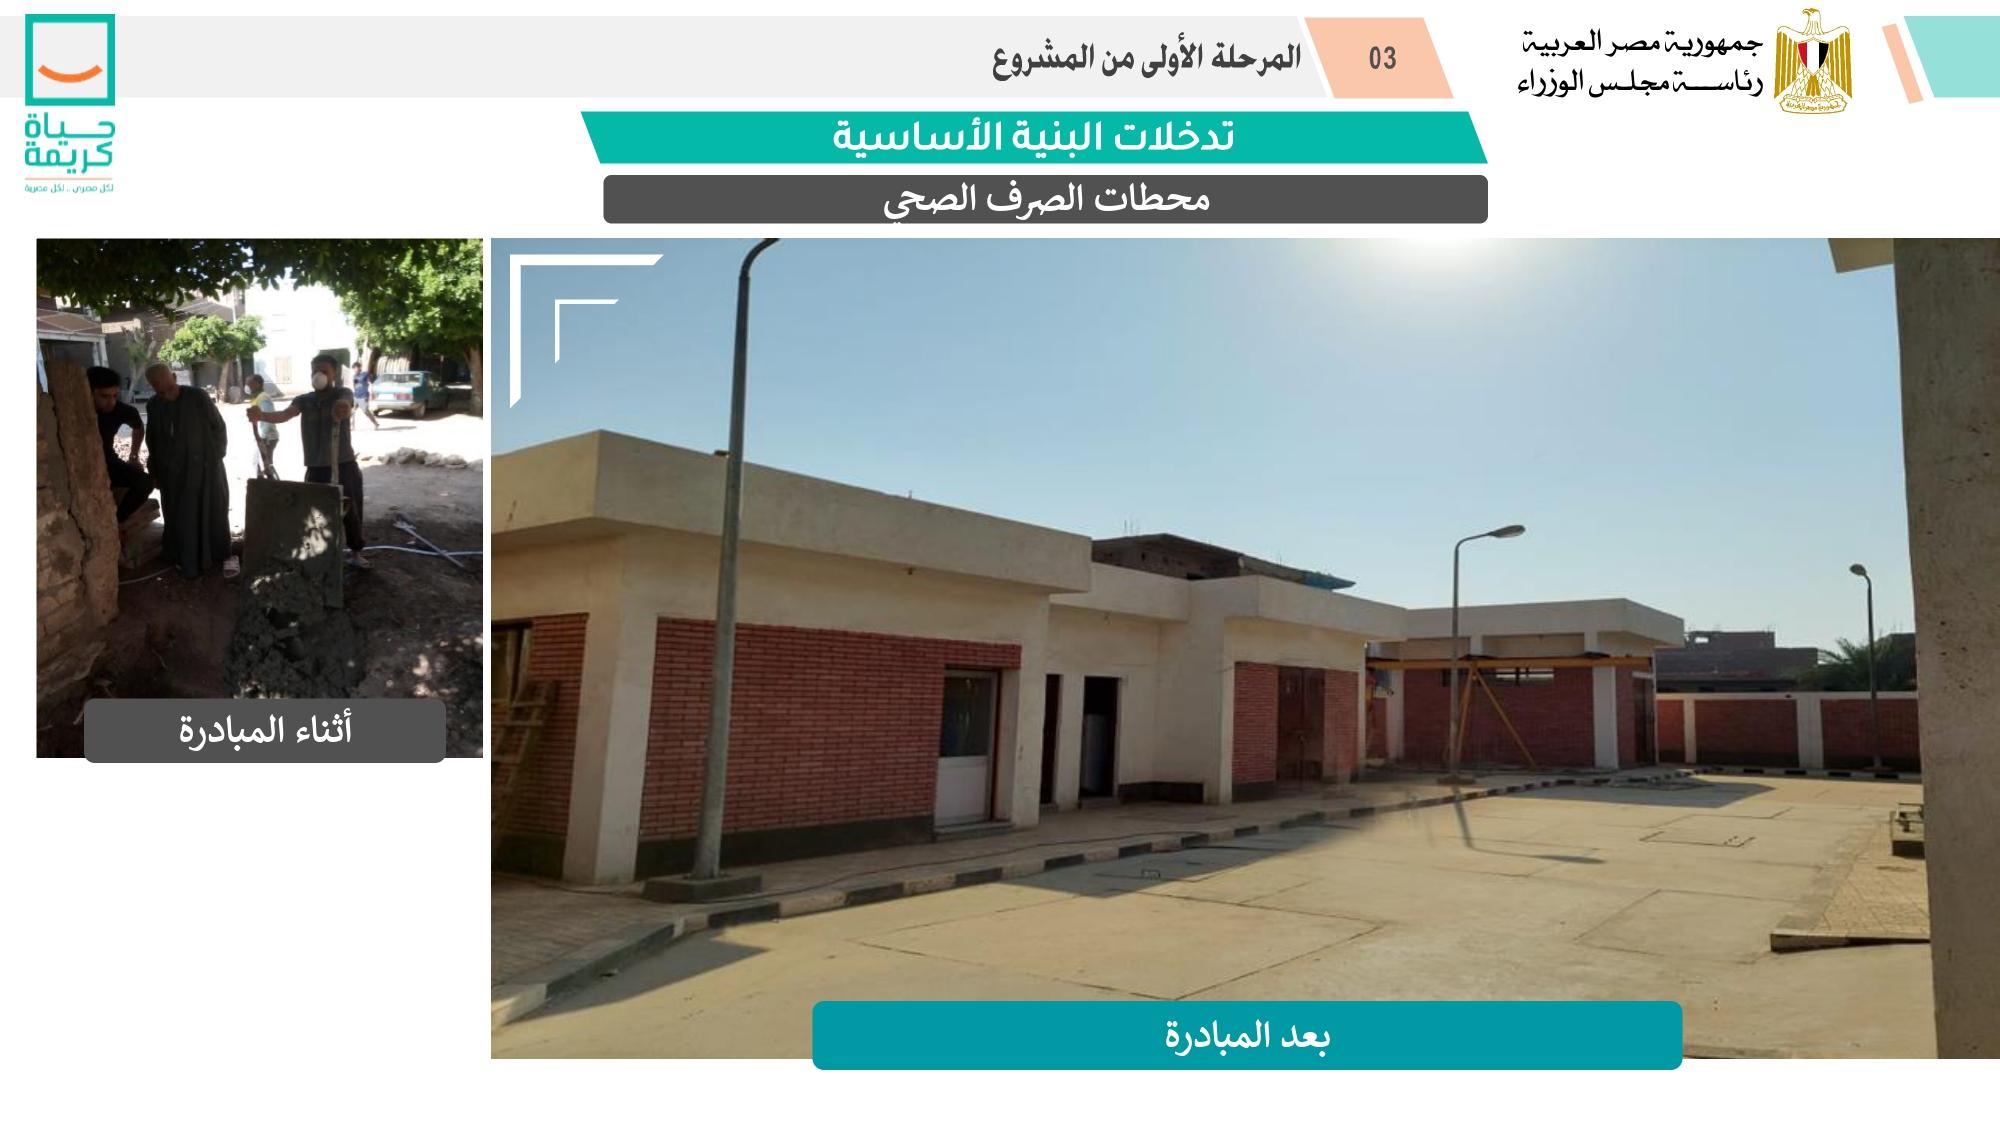 إنشاء محطات الصرف الصحي